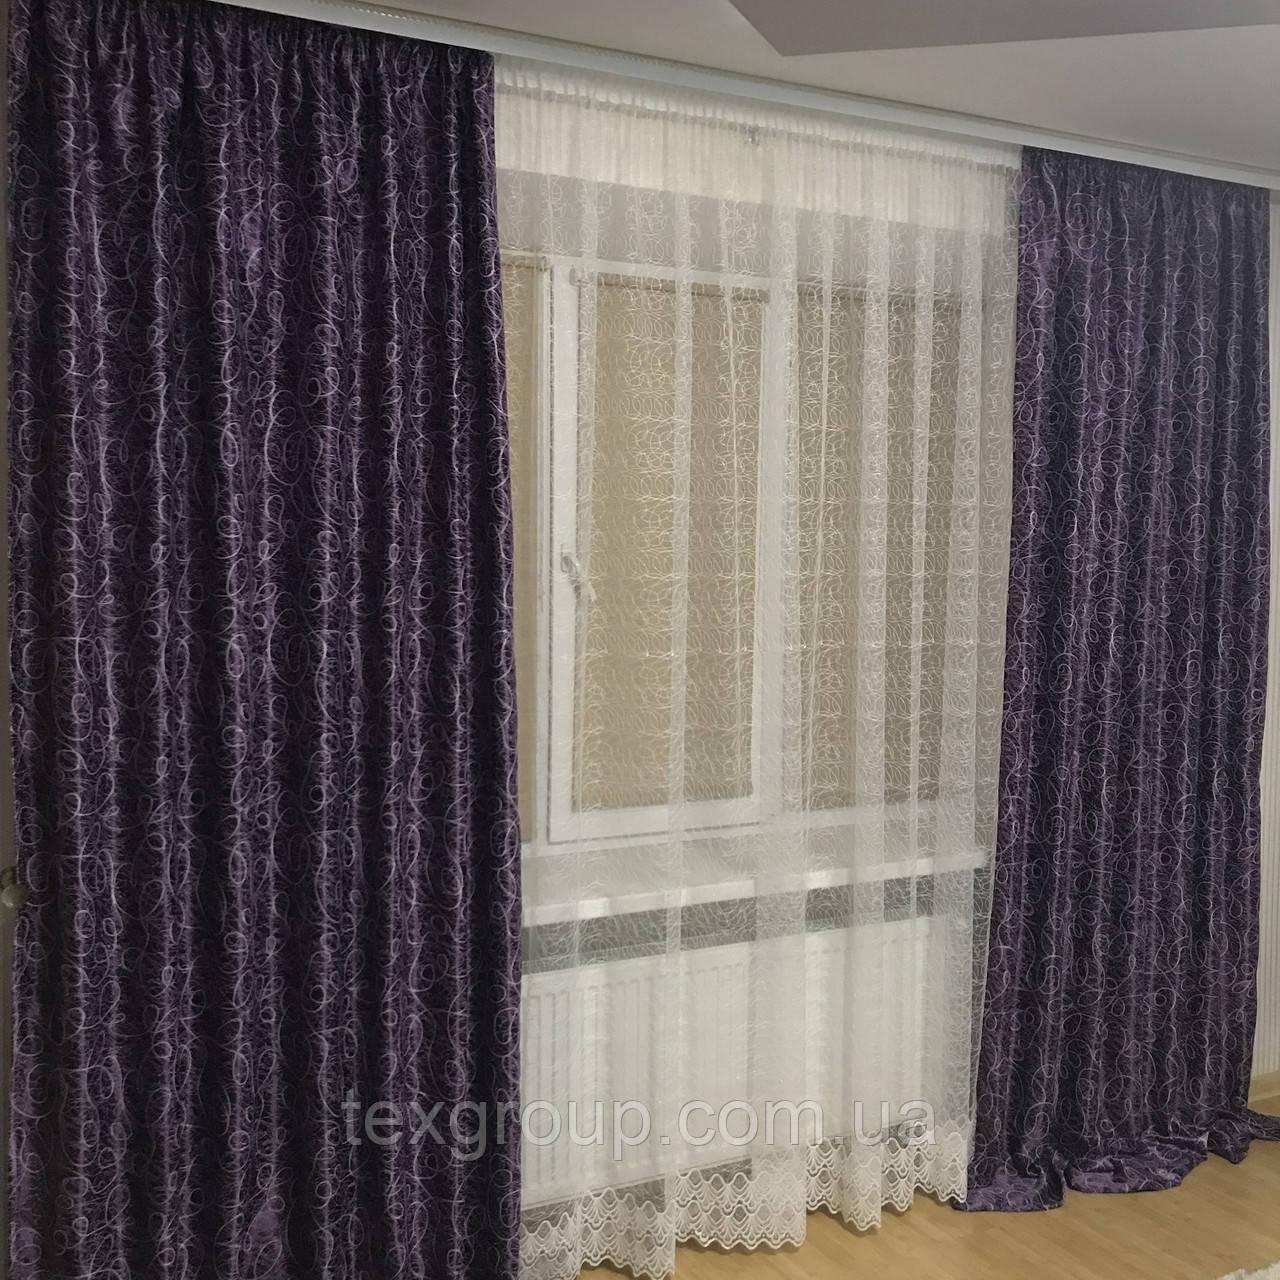 Готовые шторы Вихорь №210